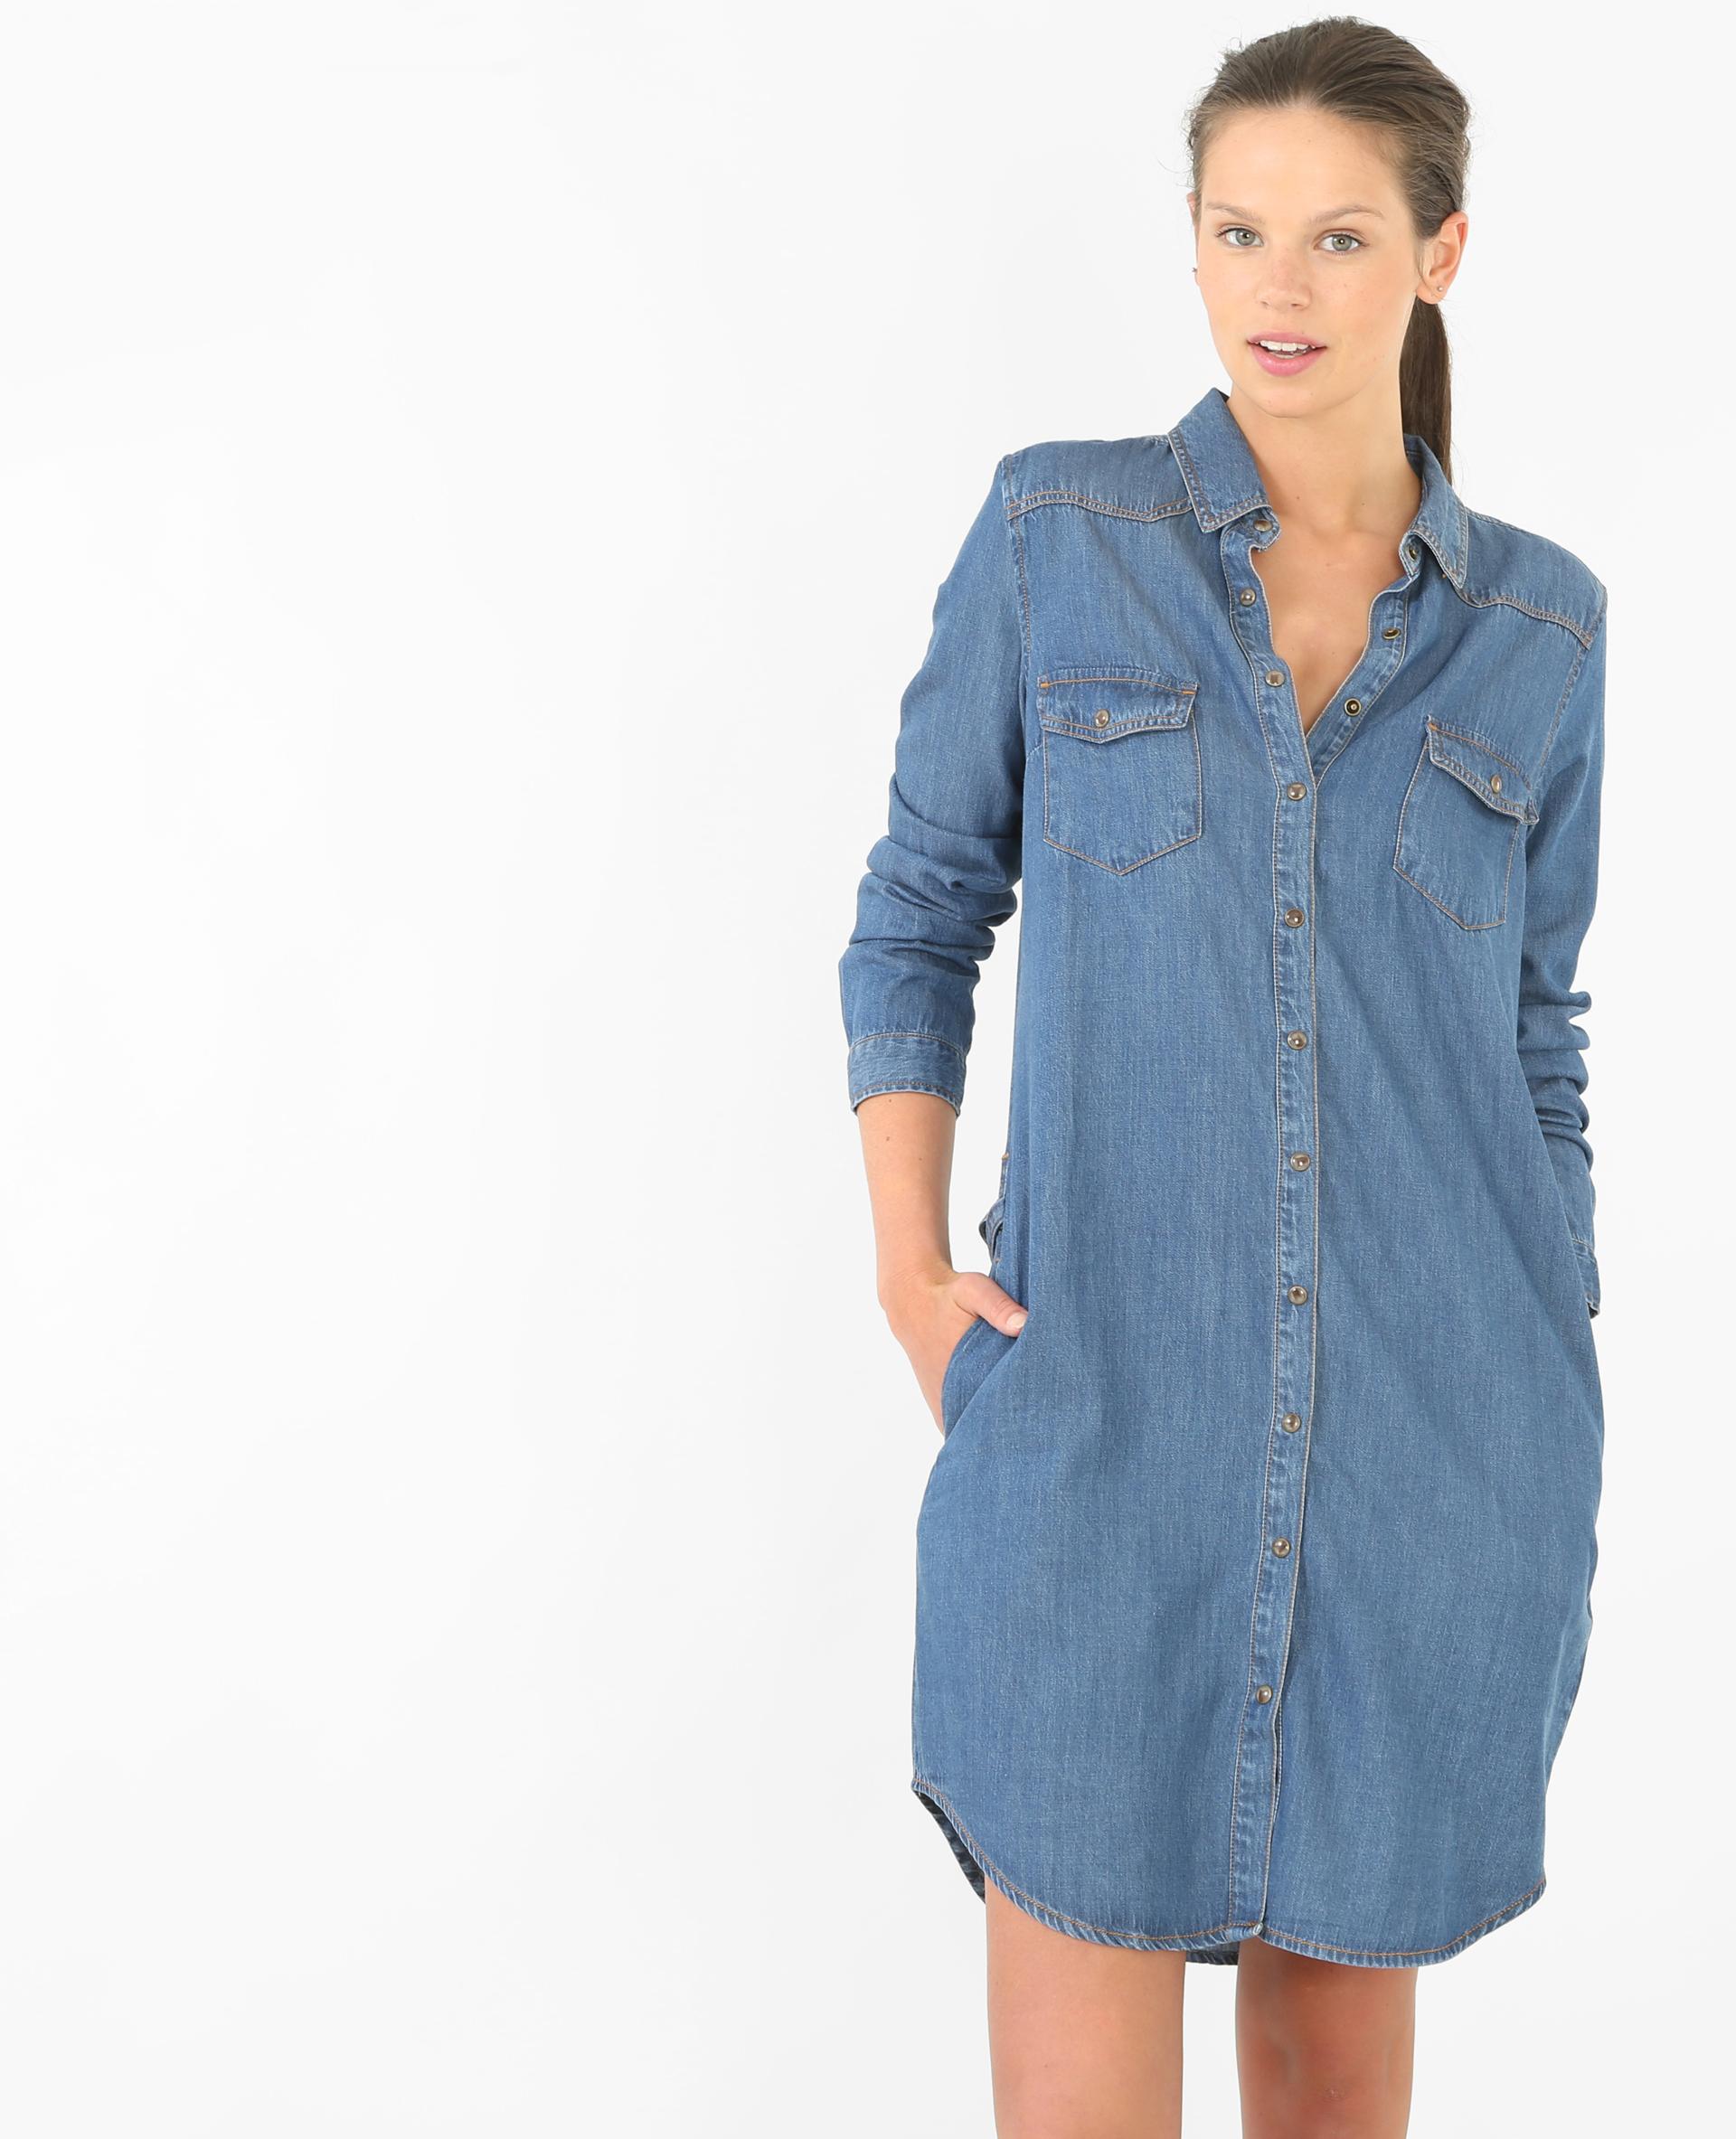 Robe Chemise En Jeans avec robe chemise denim bleu - 780472682a06   pimkie